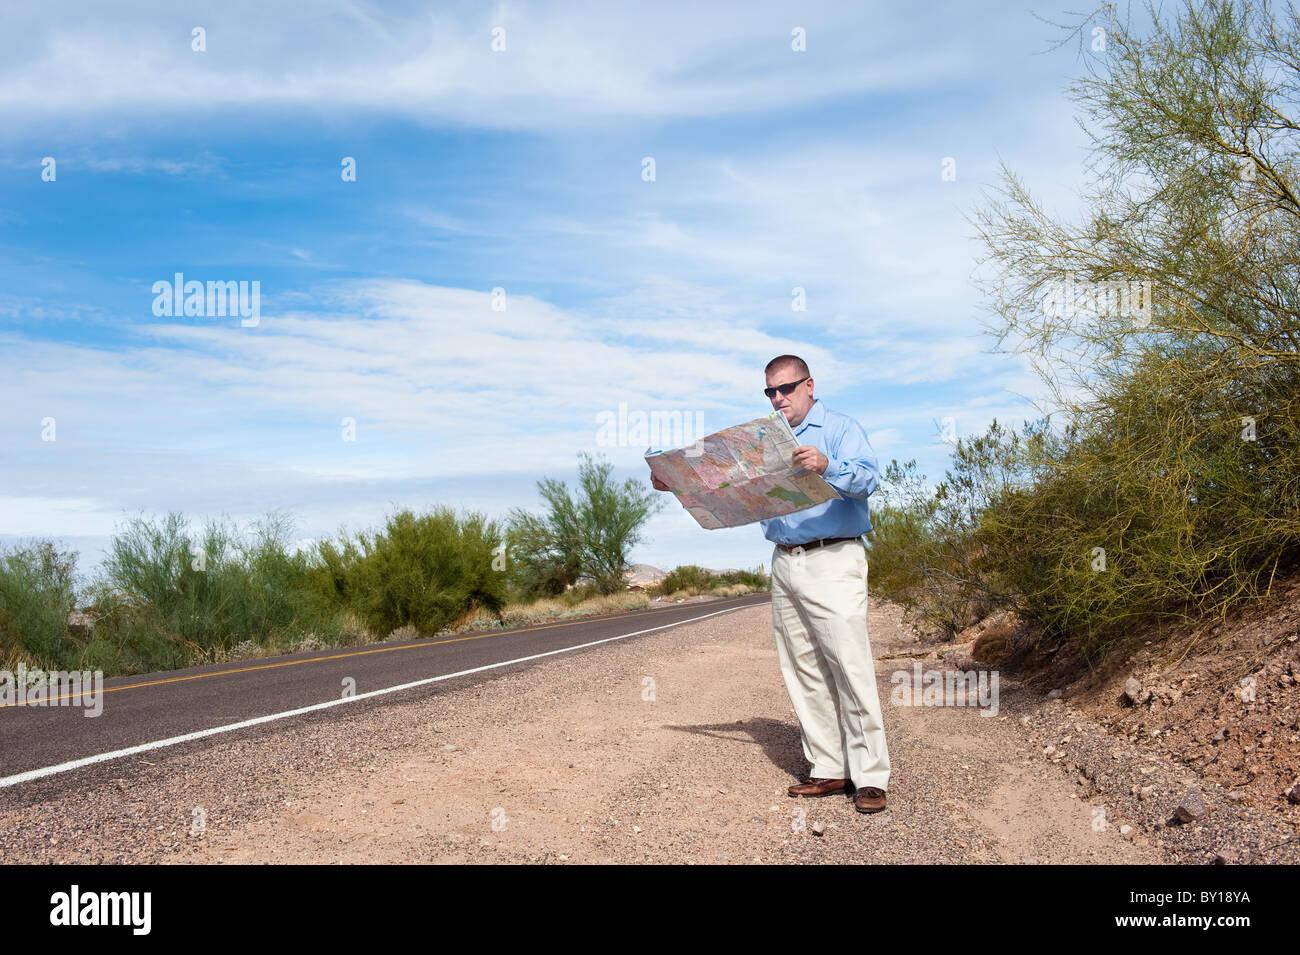 Ein verlorene Mann steht alleine auf einer einsamen Straße Kartenlesen. Stockbild